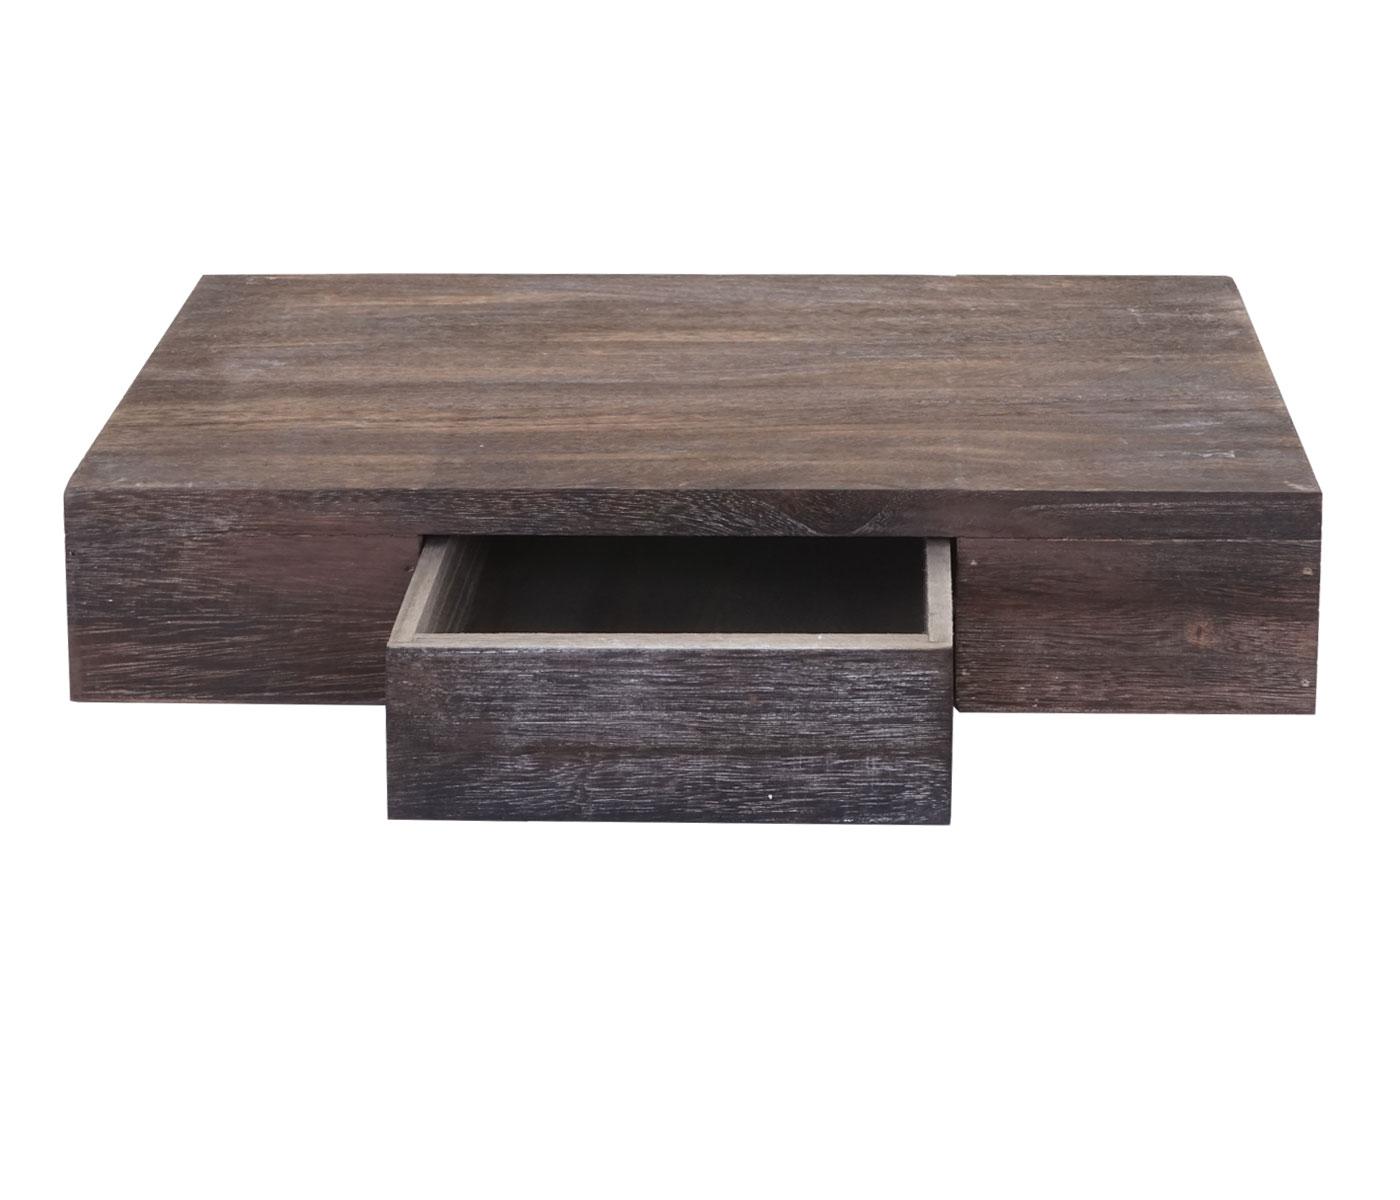 wandregal cher regal h ngeregal mit schublade 40cm. Black Bedroom Furniture Sets. Home Design Ideas